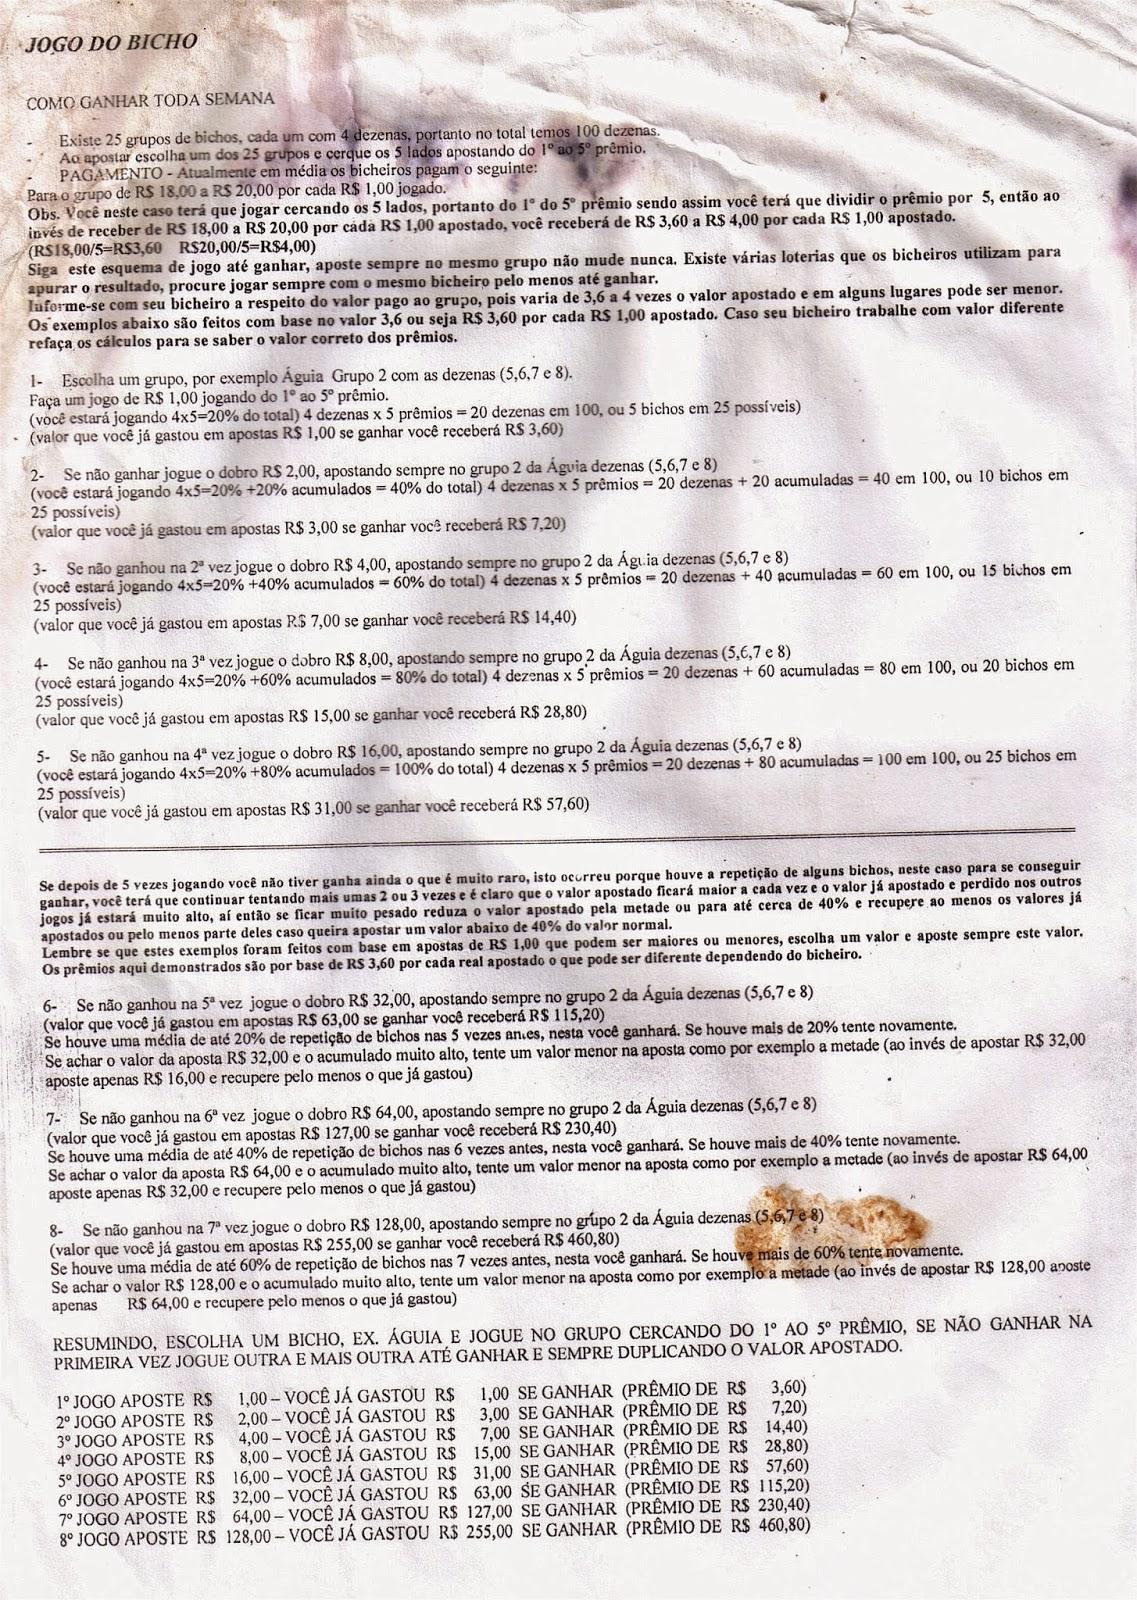 A história do jogo do bicho desde 1892, tabela dos bichos com as dezenas e um método infalível para ganhar apresentado no programa do Jô (Wikipedia) - Método de jogo para vencer, apresentado mo programa do Jô alguns anos atrás